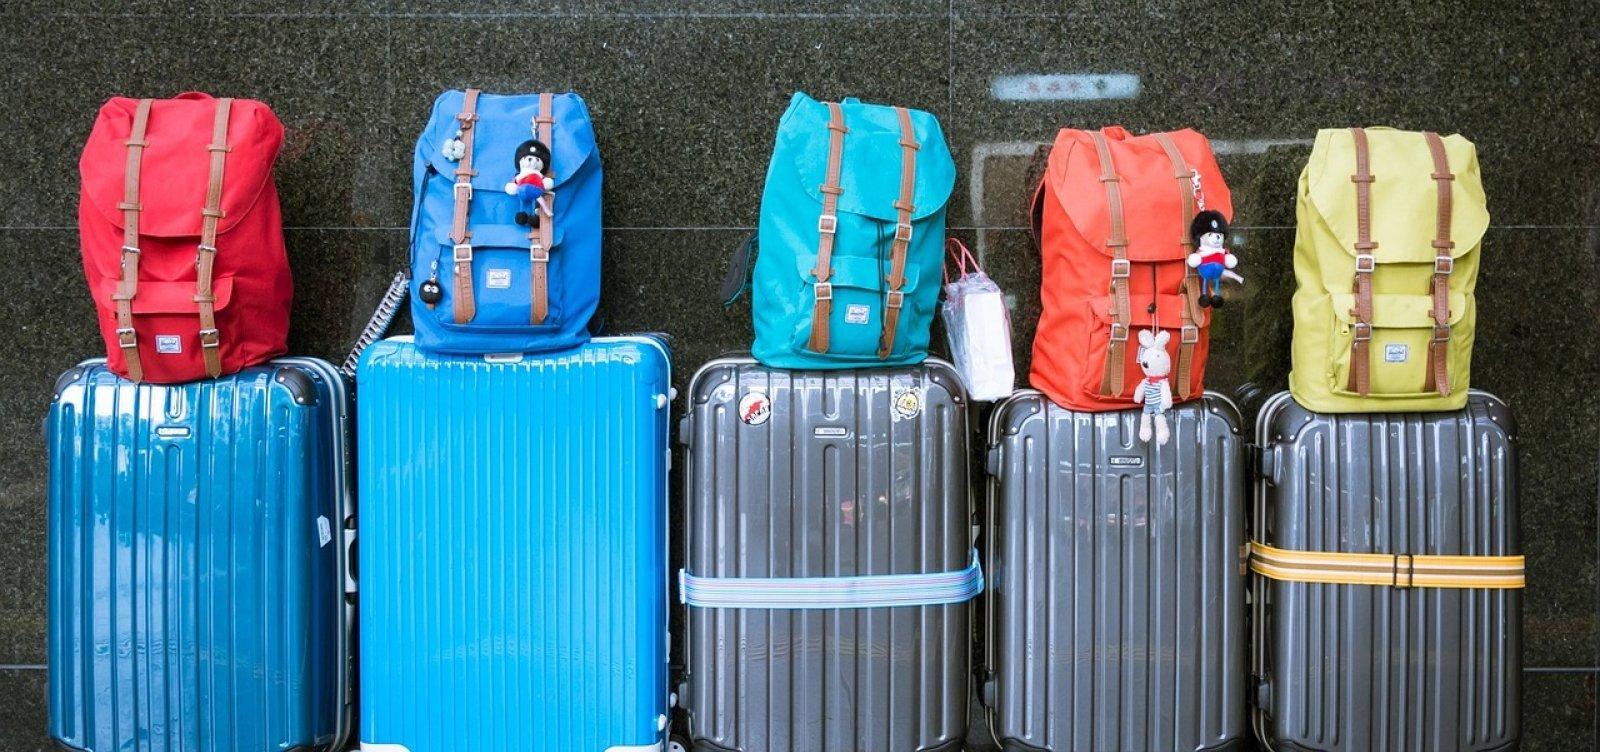 [Entidades da Defesa do Consumidor pedem fim da cobrança de bagagens]